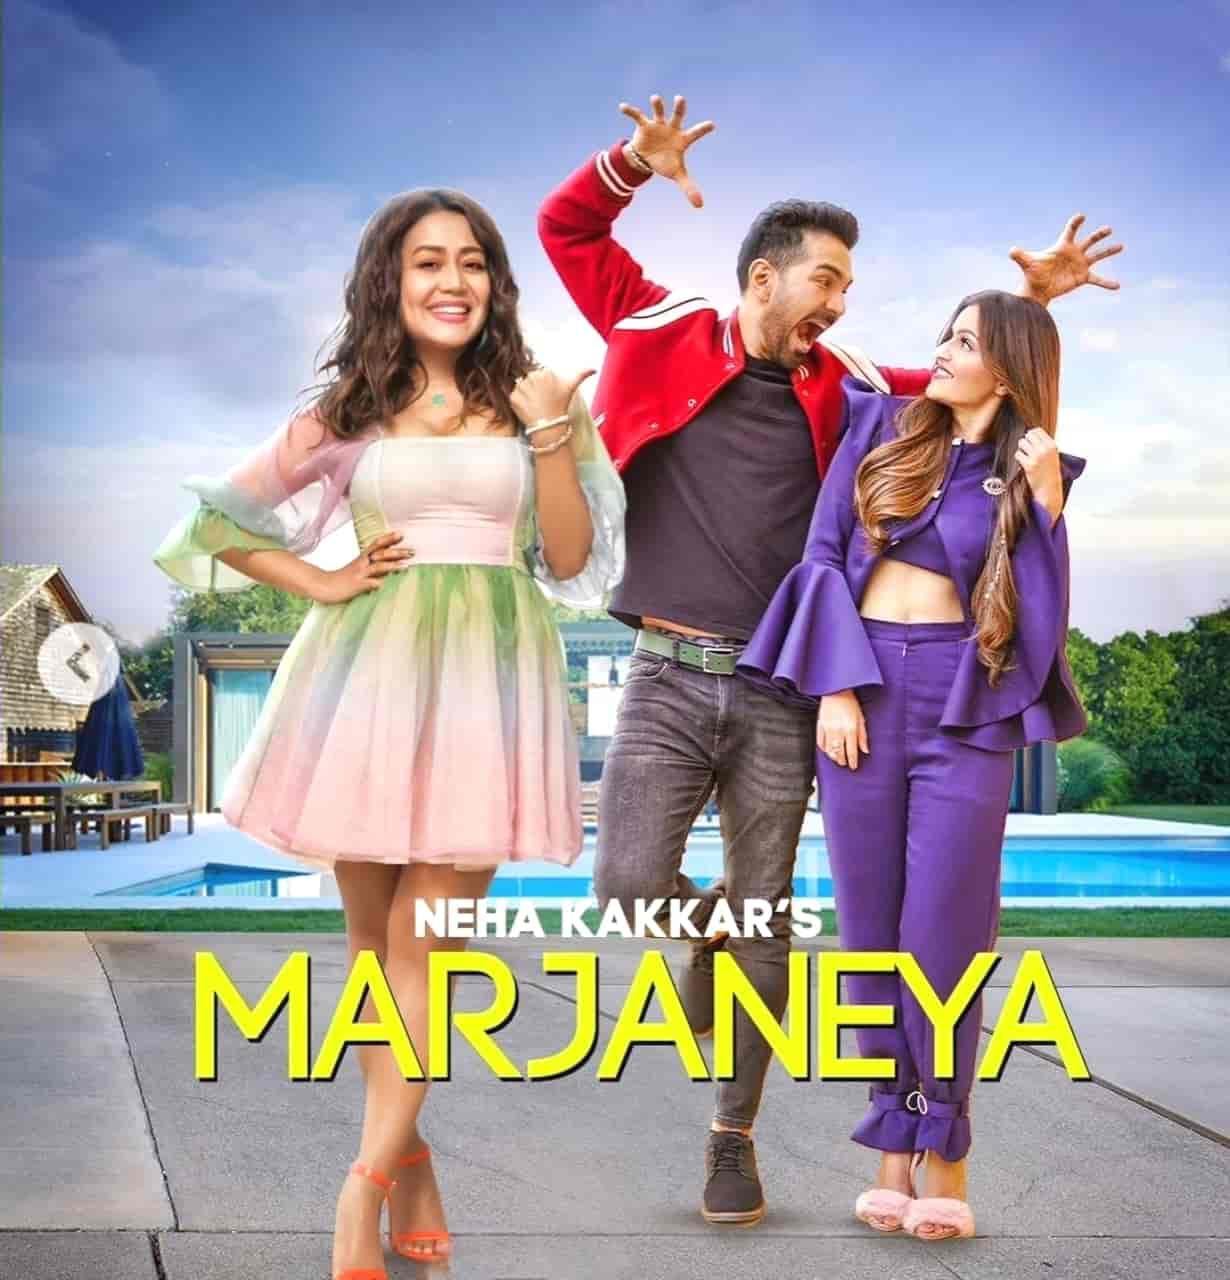 Marjaneya Punjabi Song Lyrics Neha Kakkar